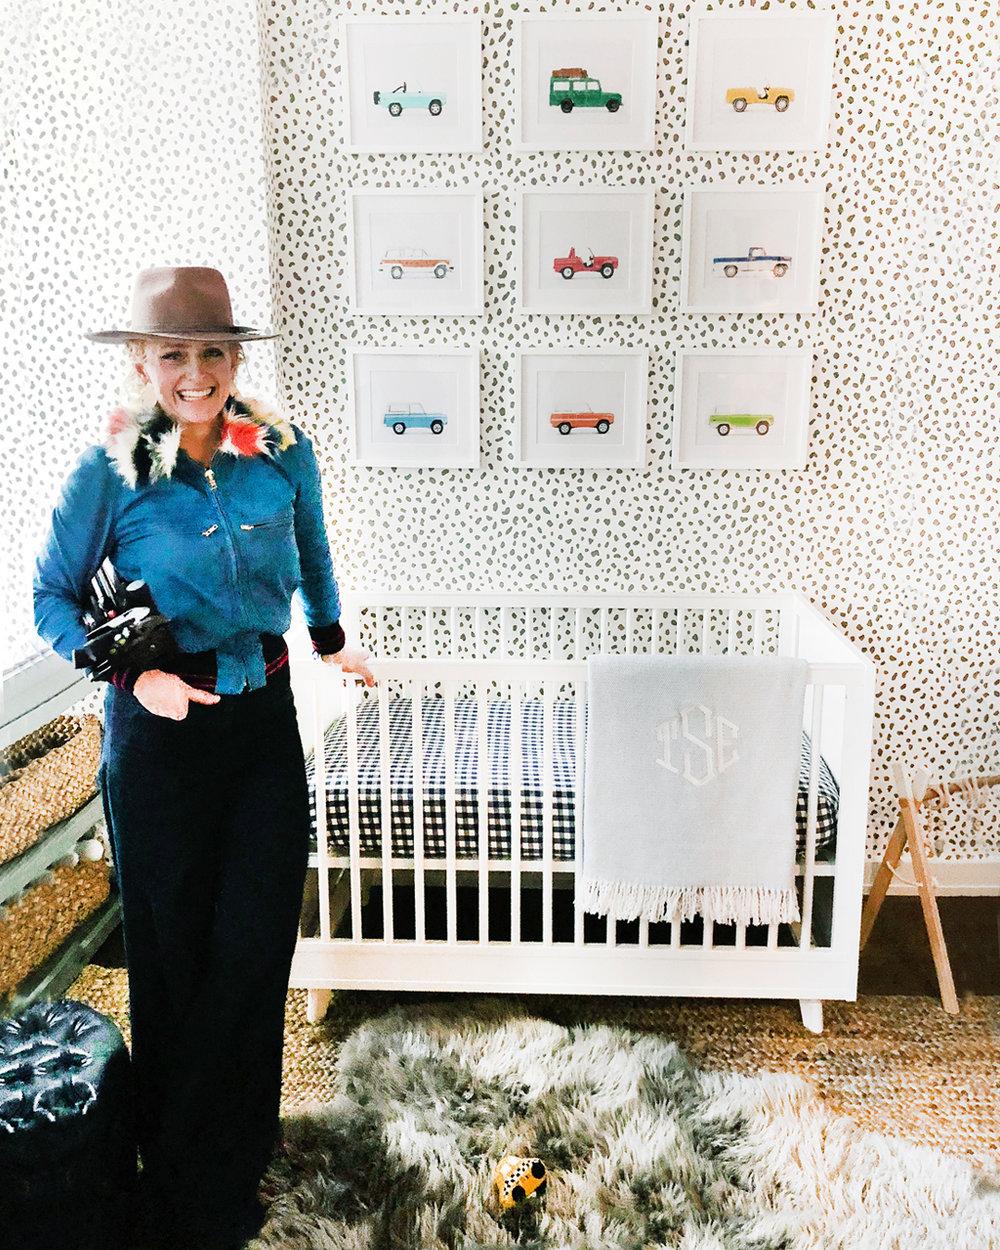 leslee-mitchell-cars-nursery-room.JPG